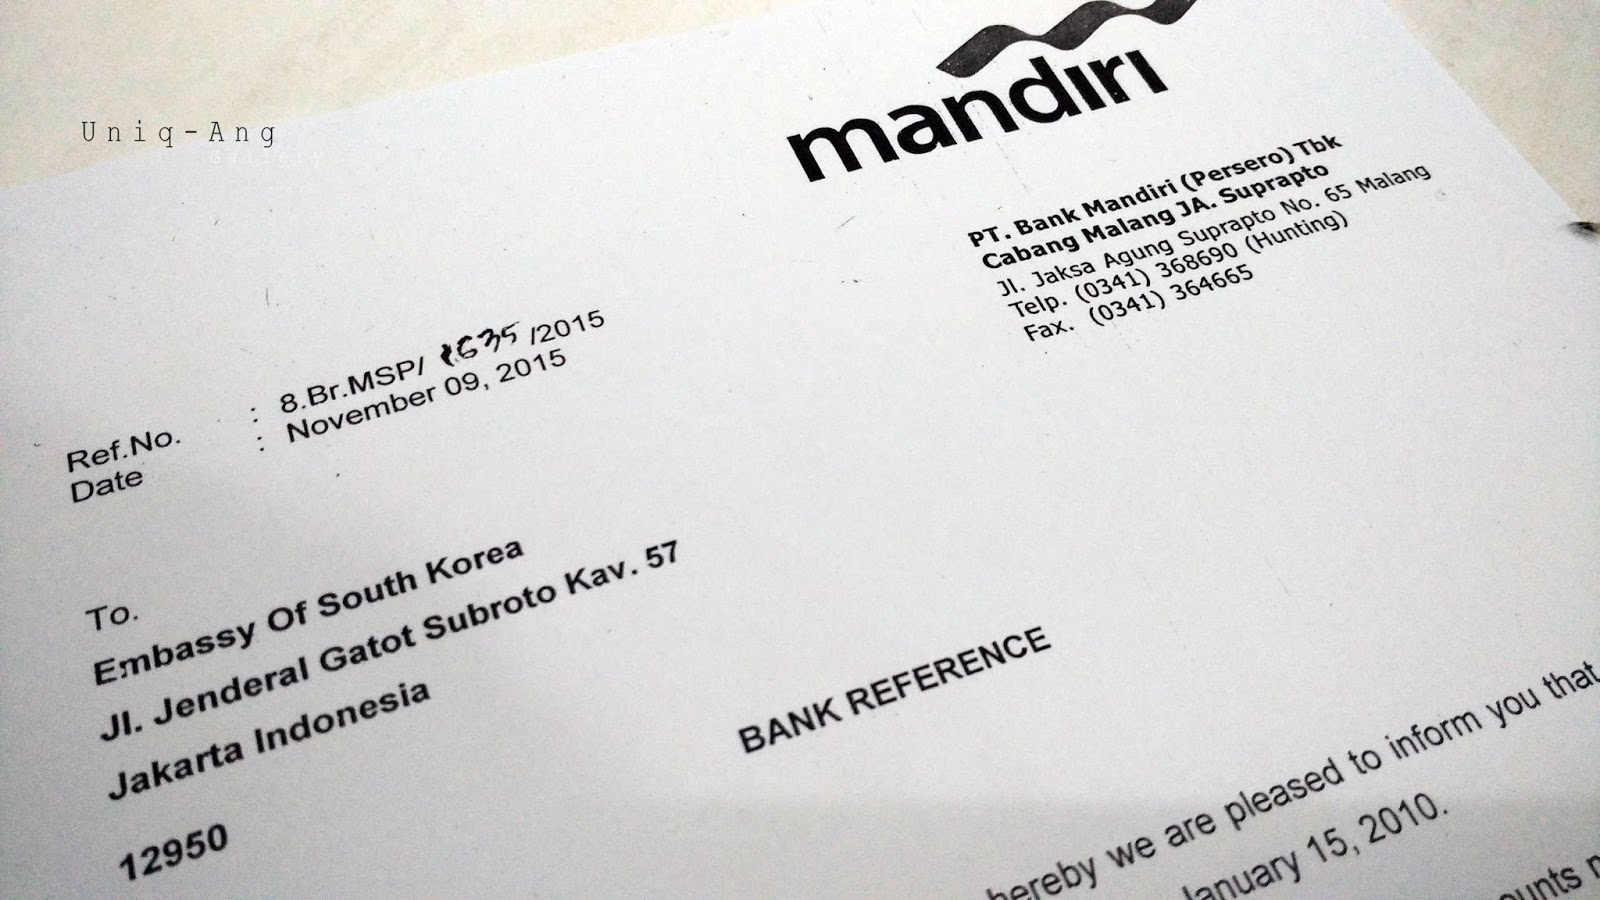 Contoh Surat Kerja untuk bank